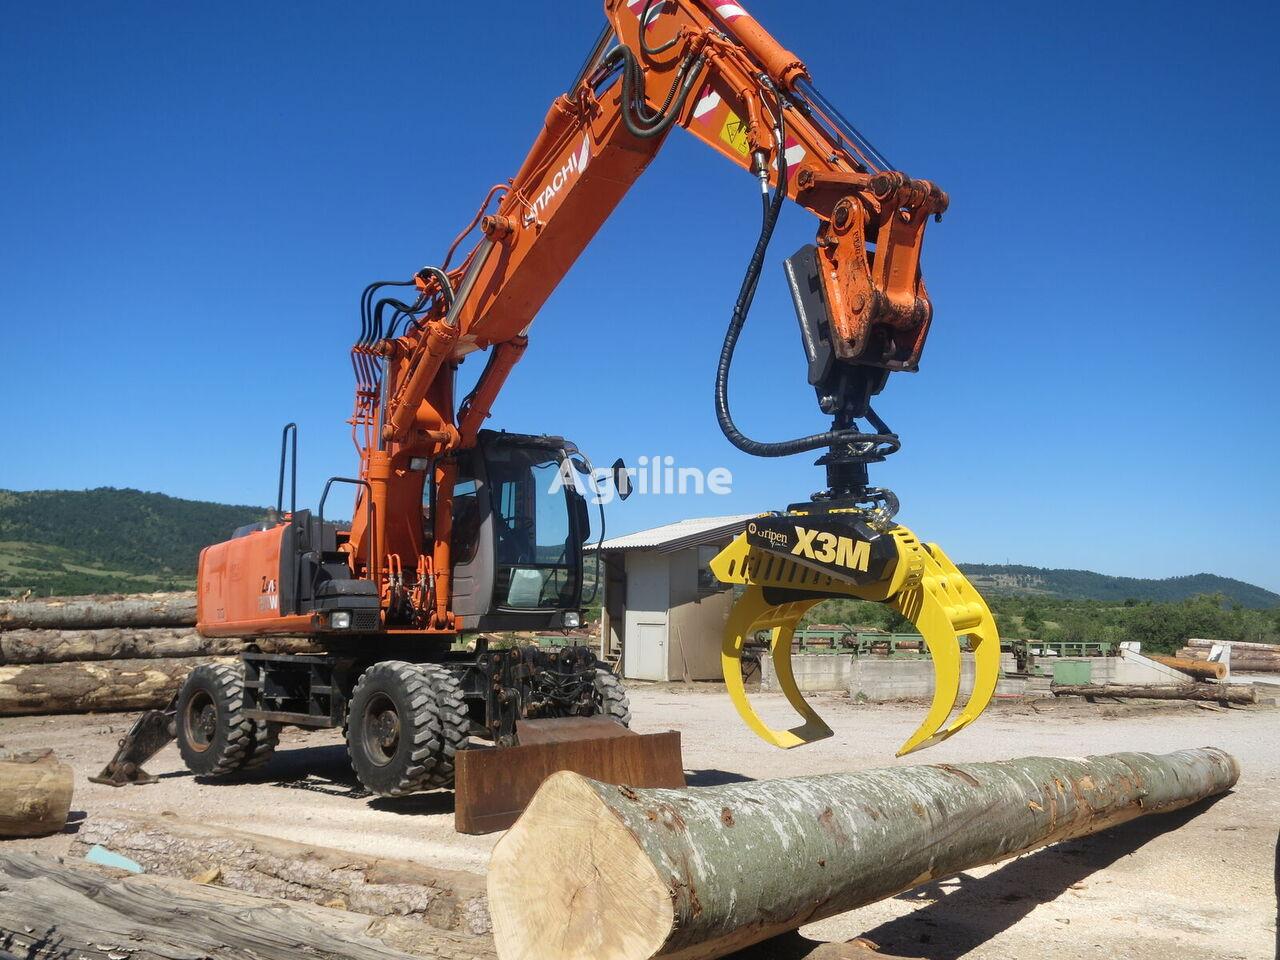 новый захват для леса X3M